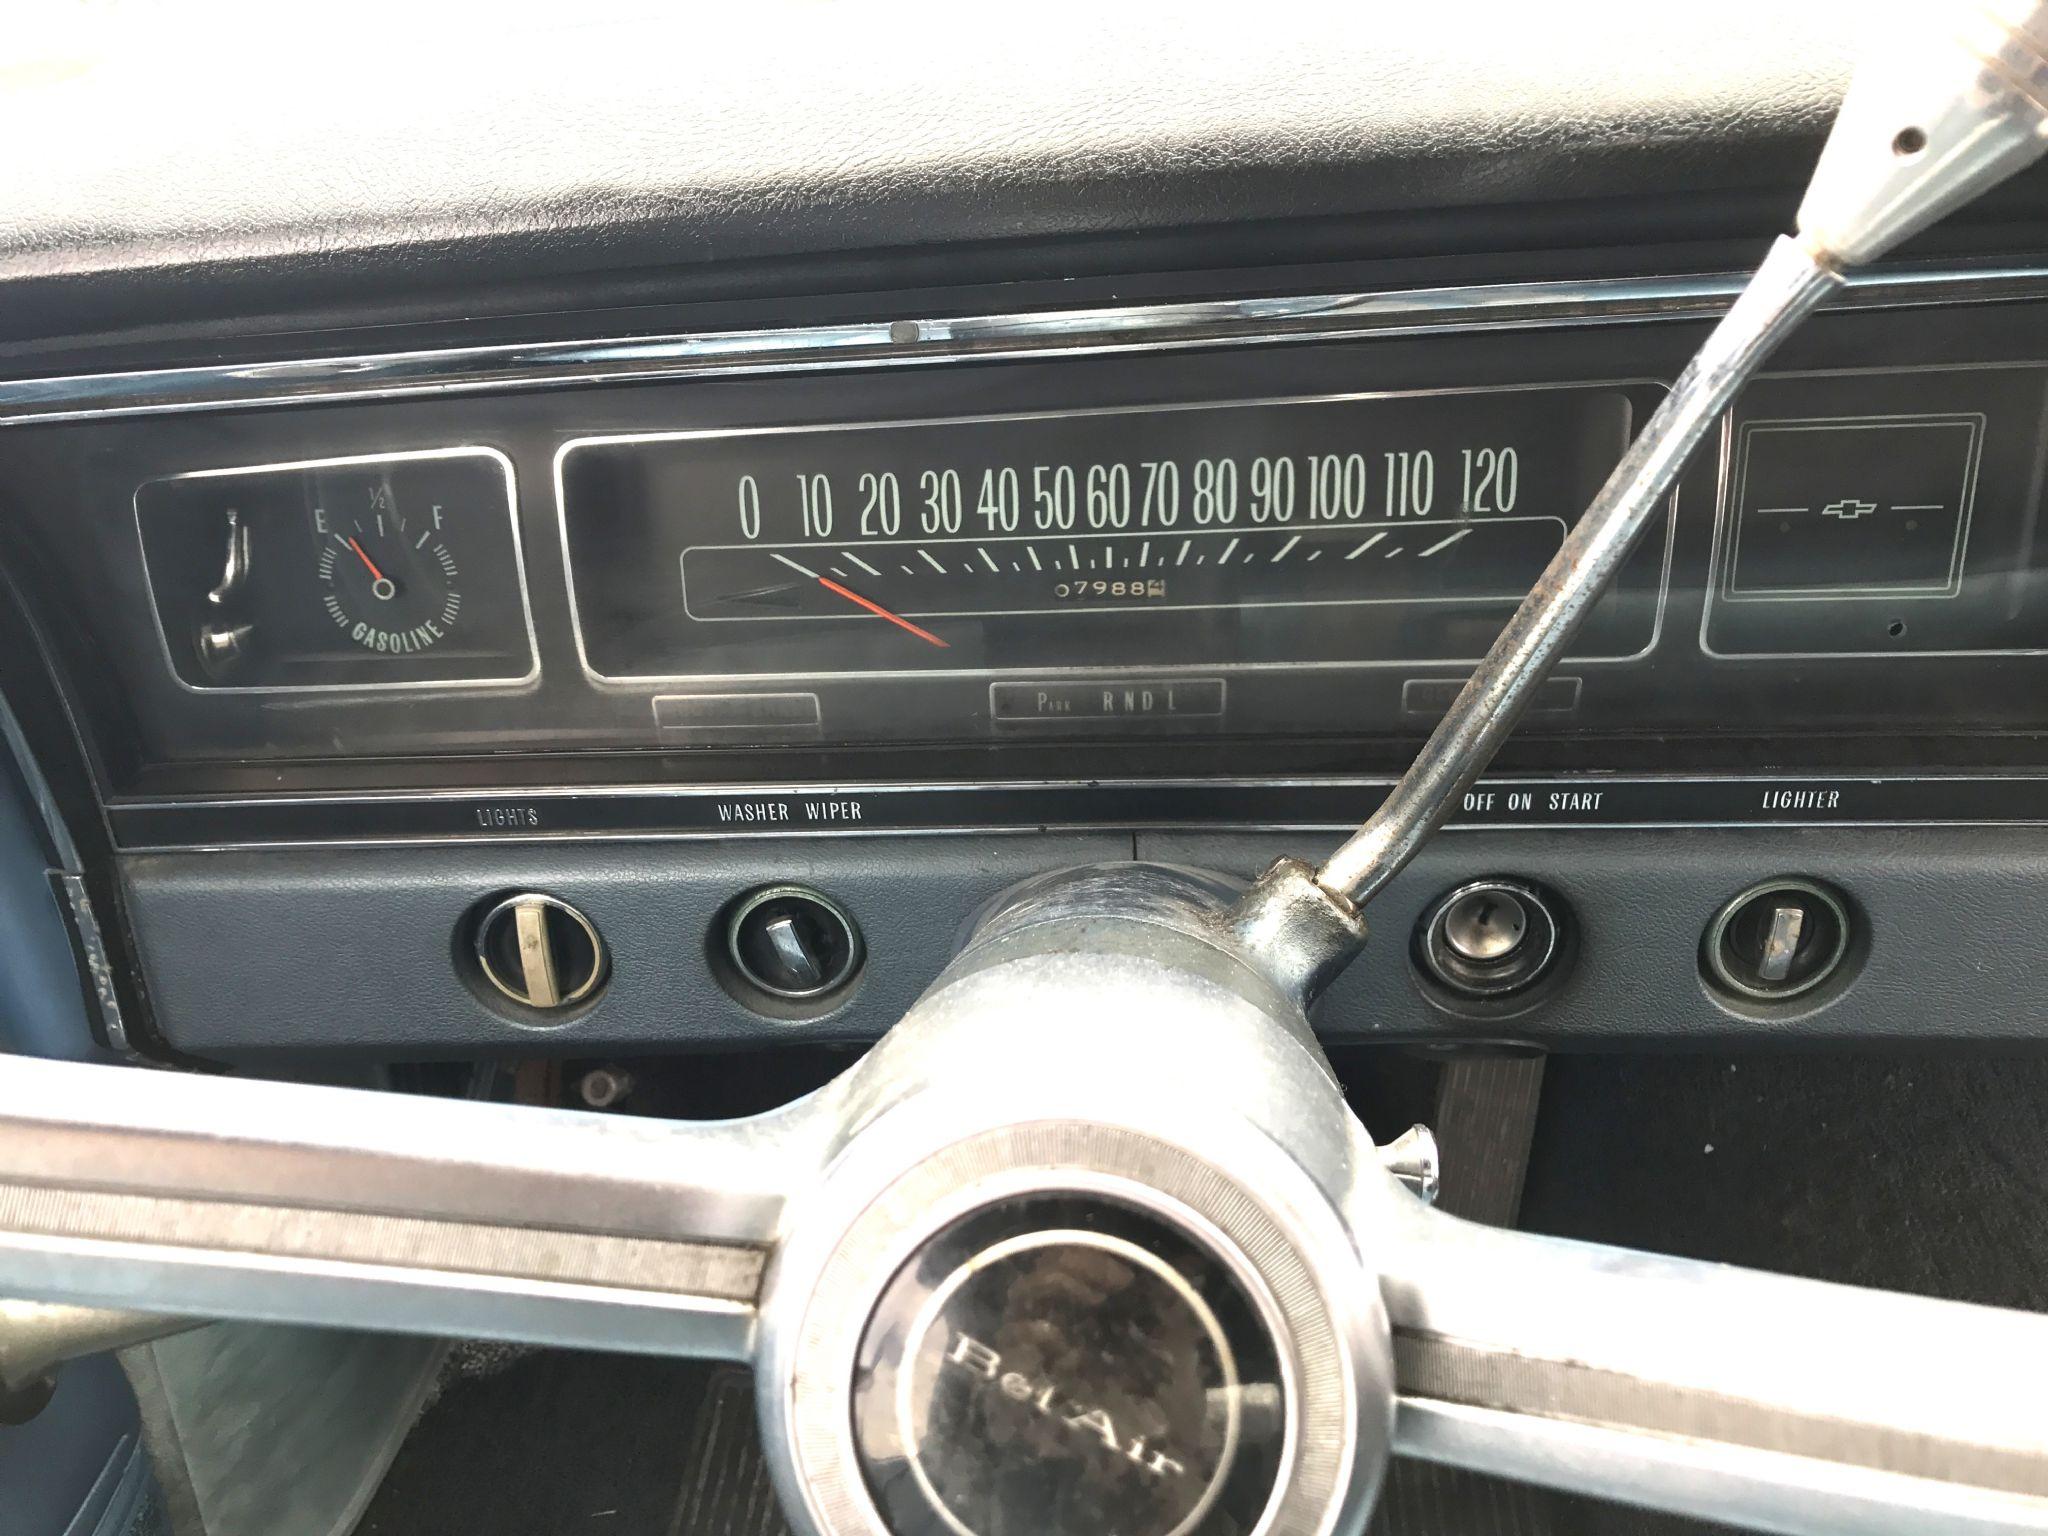 1968 CHEVROLET IMPALA 33